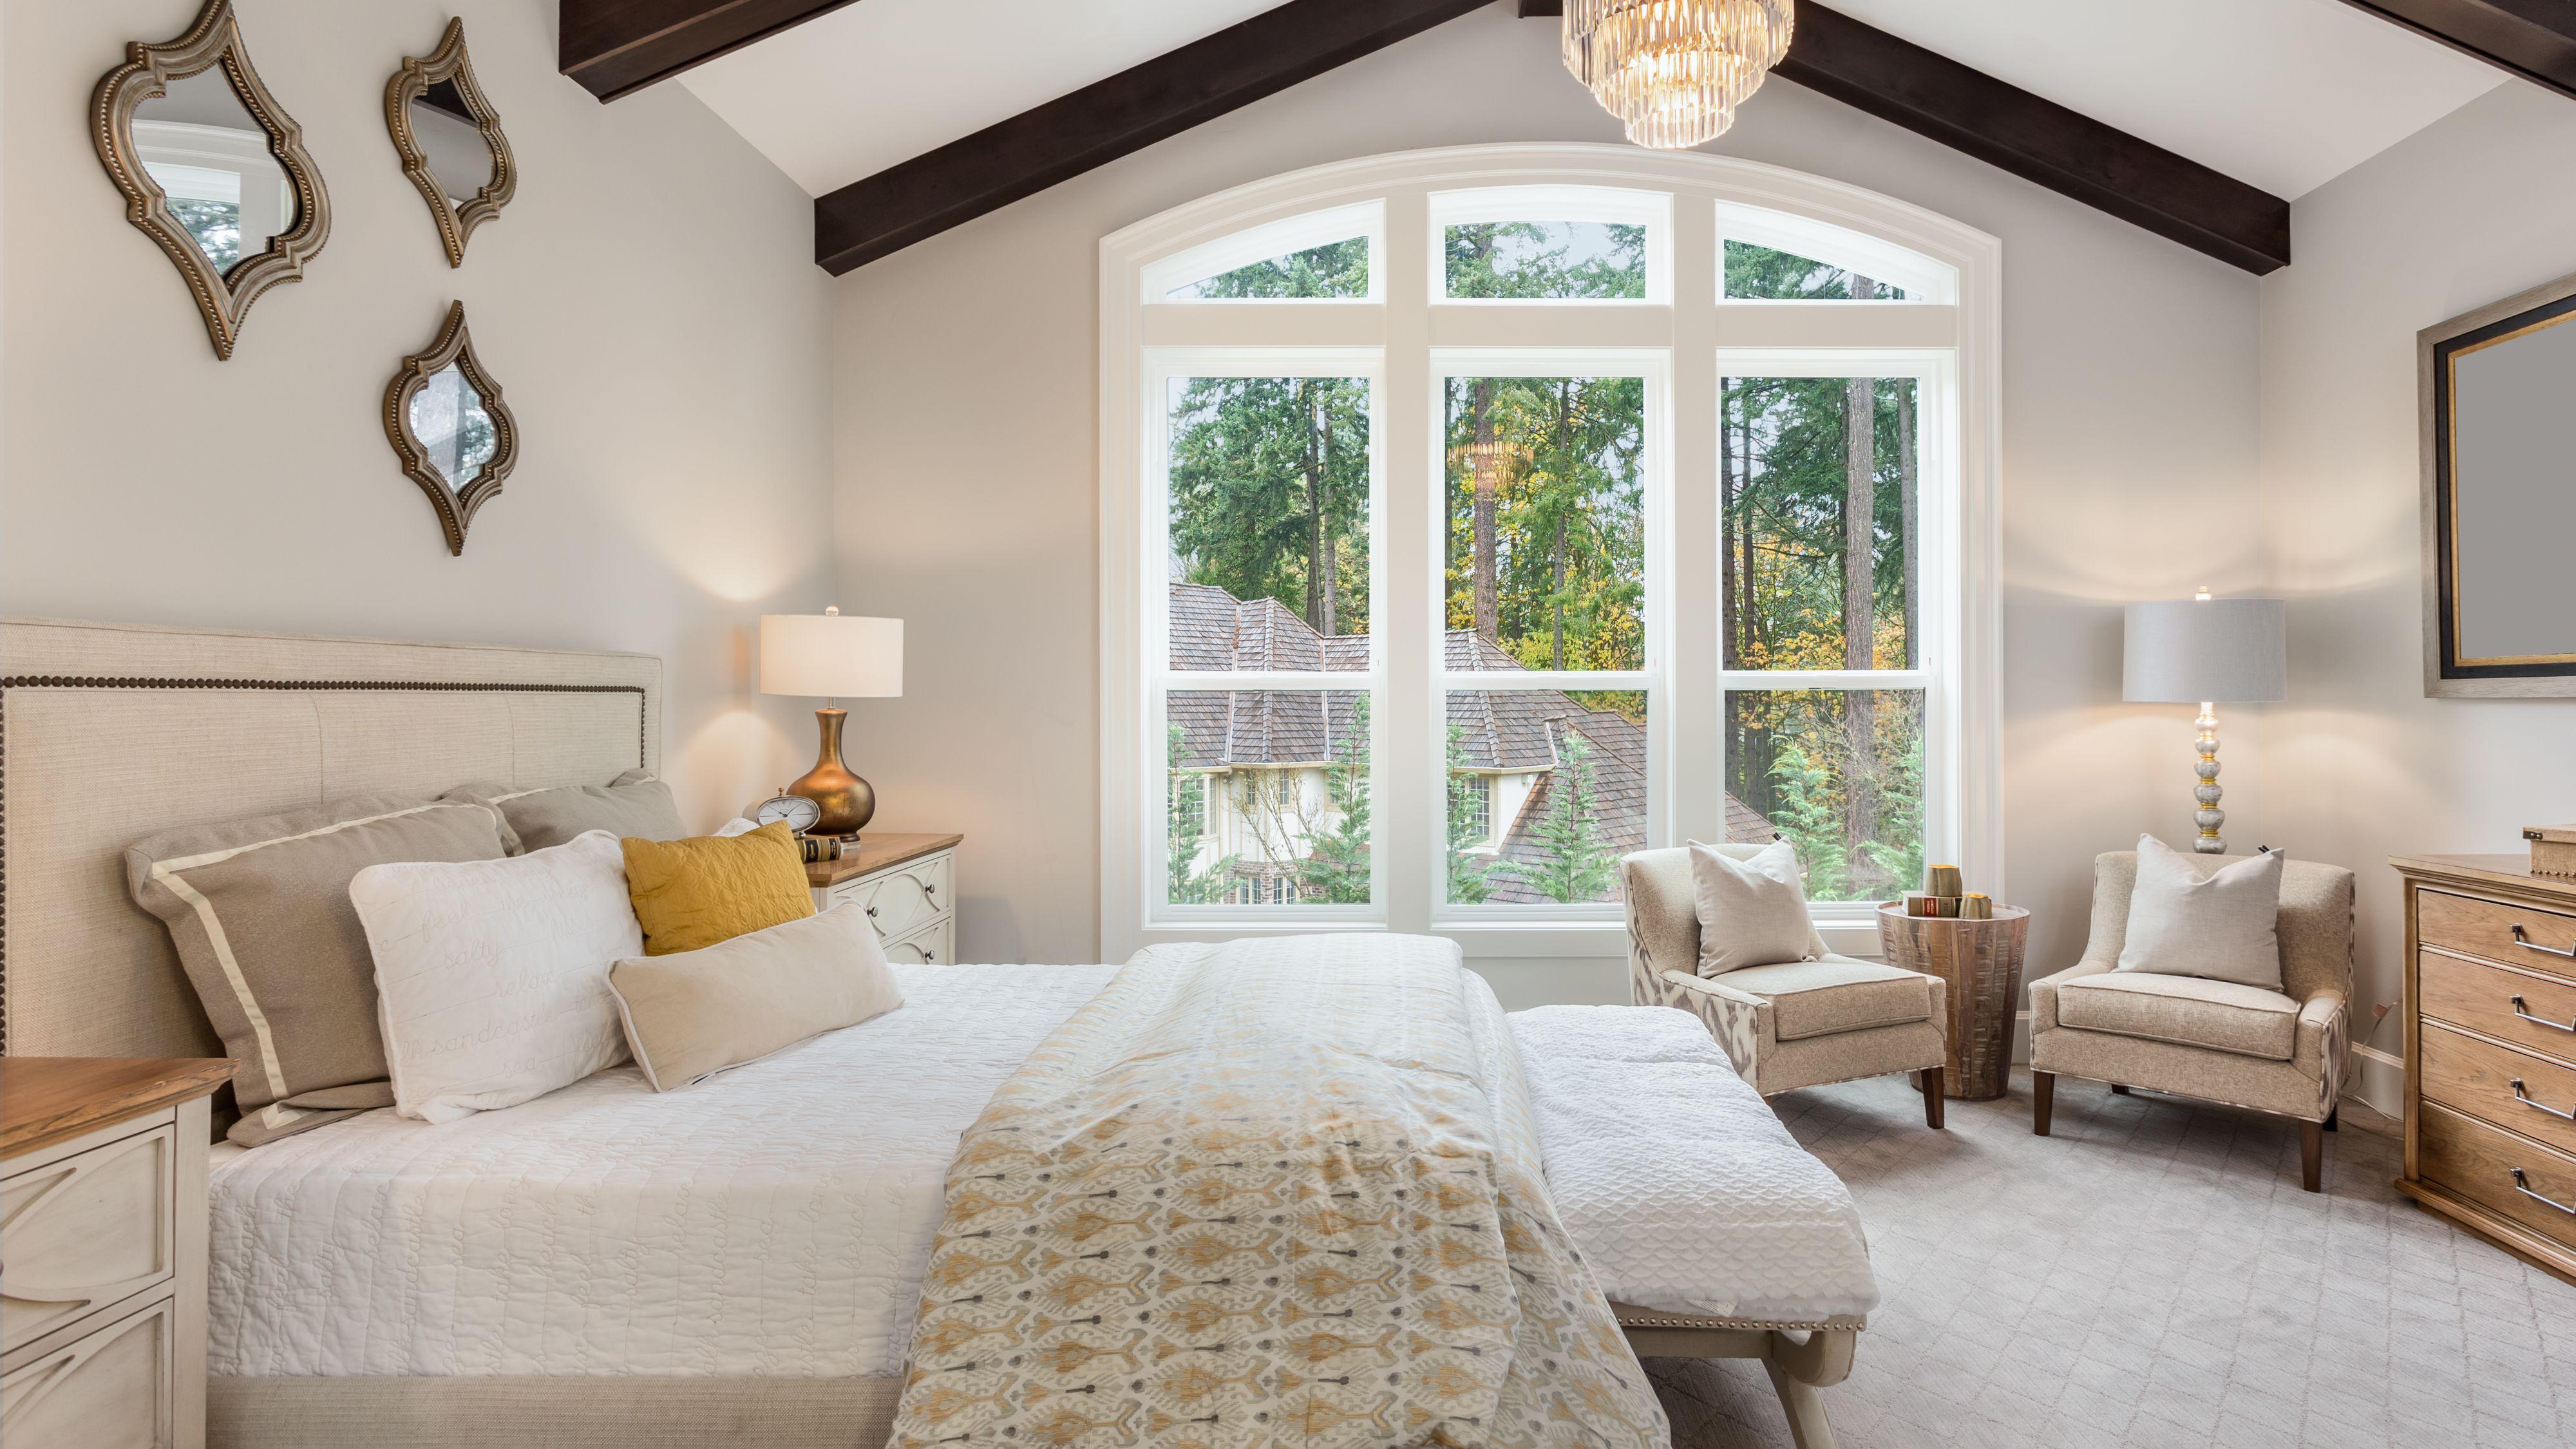 10 Ways To Transform A Boring Bedroom